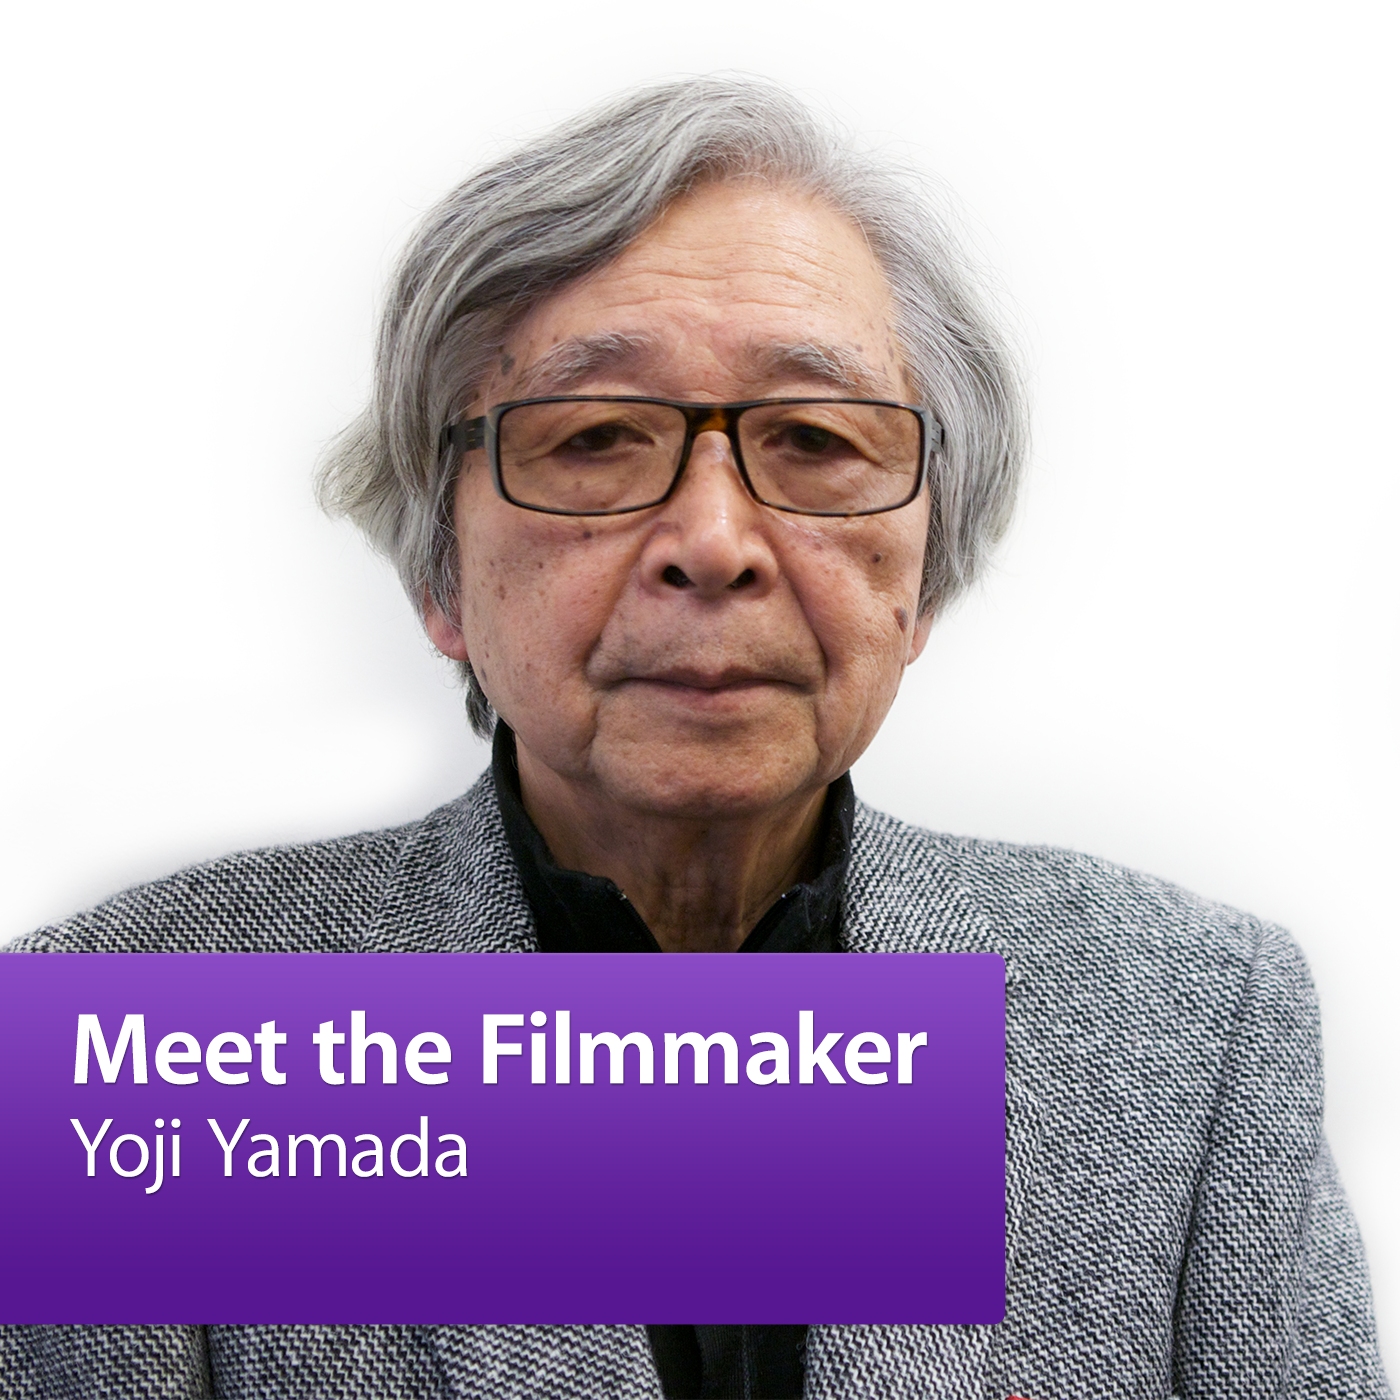 Yoji Yamada: Meet the Filmmaker